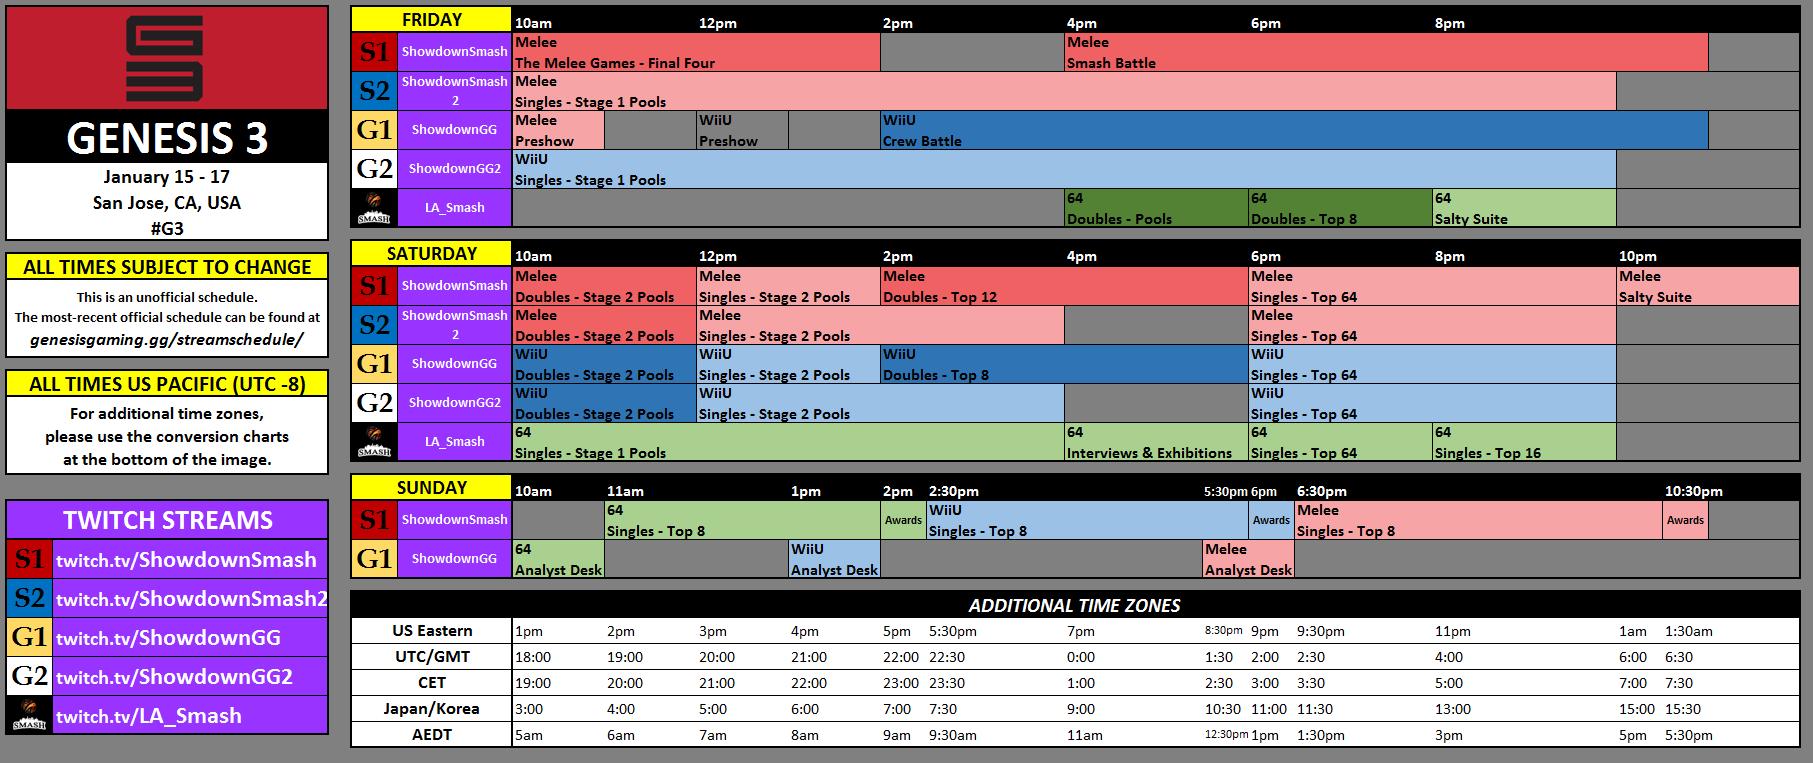 Genesis 3 Schedule